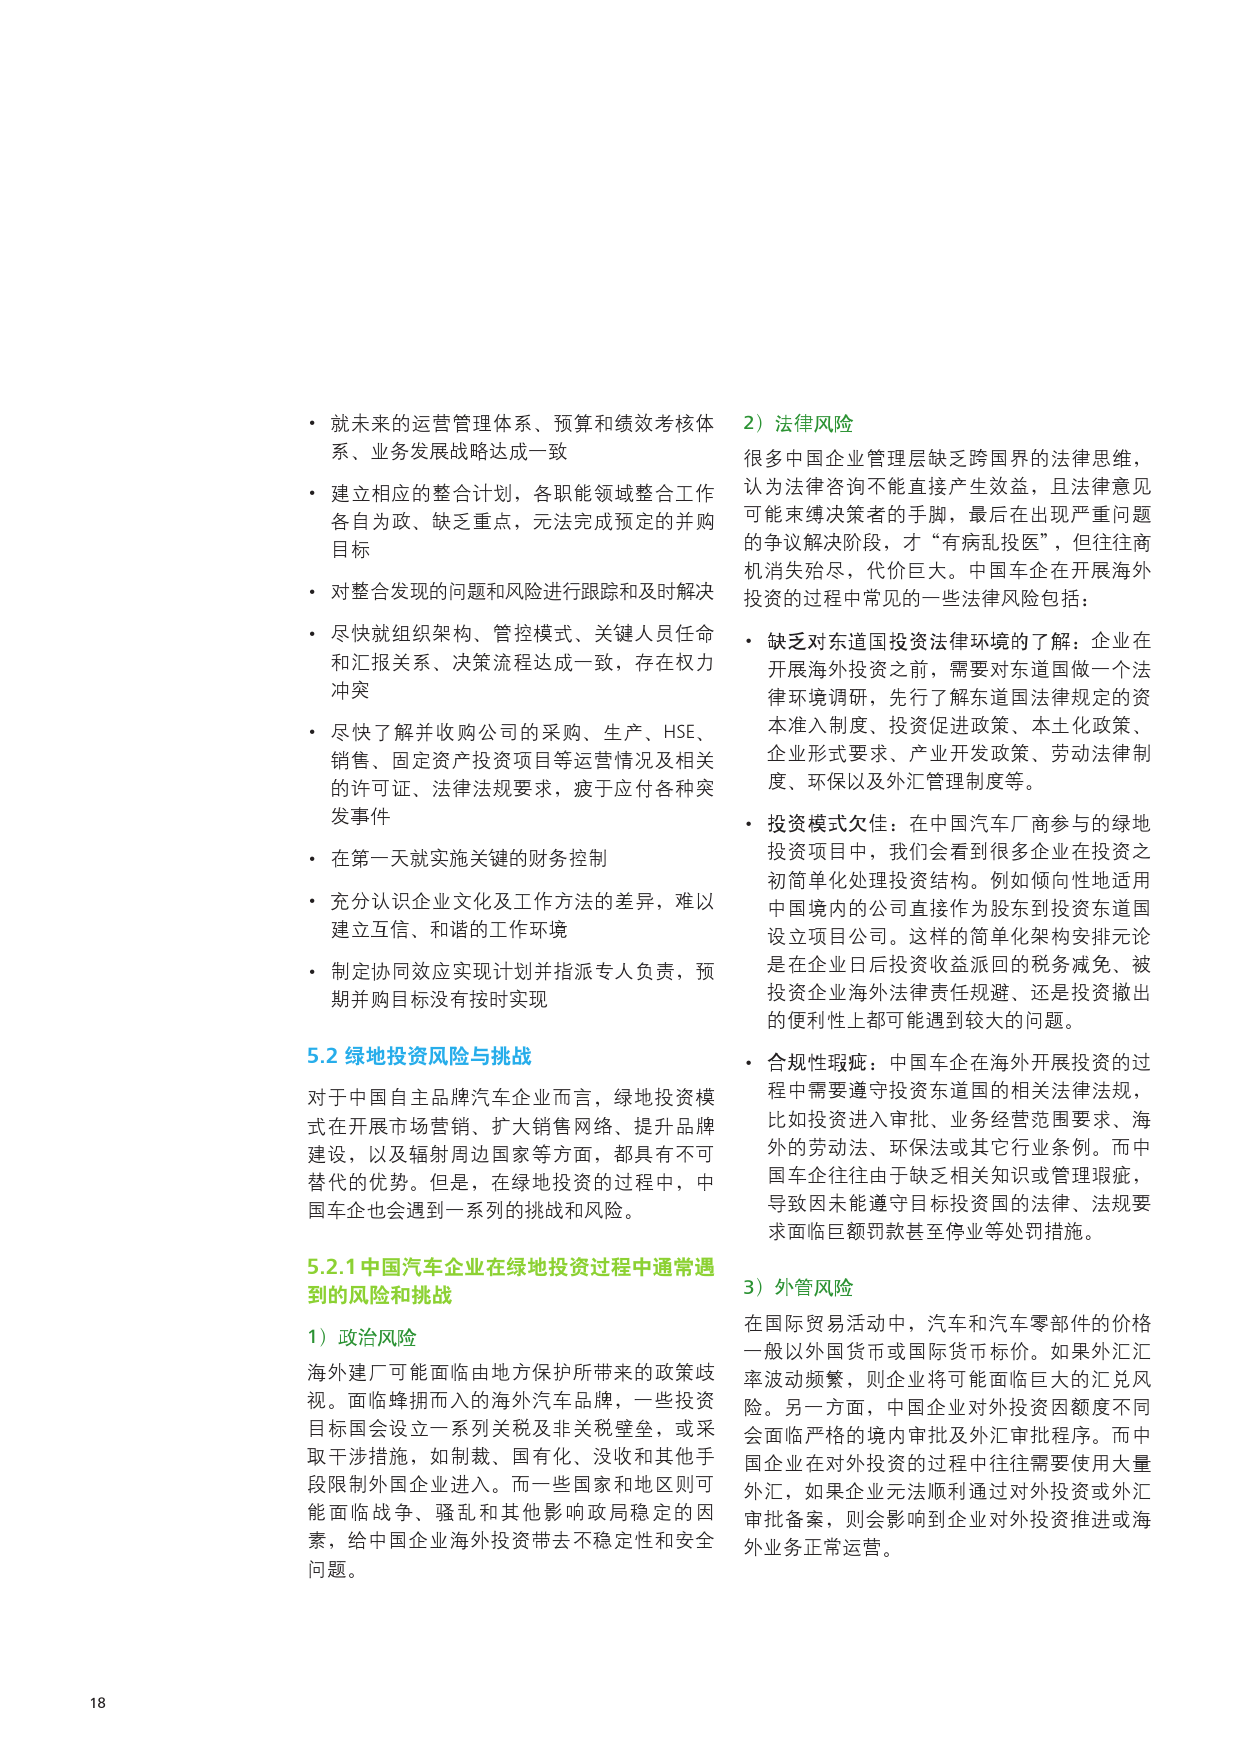 2016中国汽车行业对外投资报告_000020